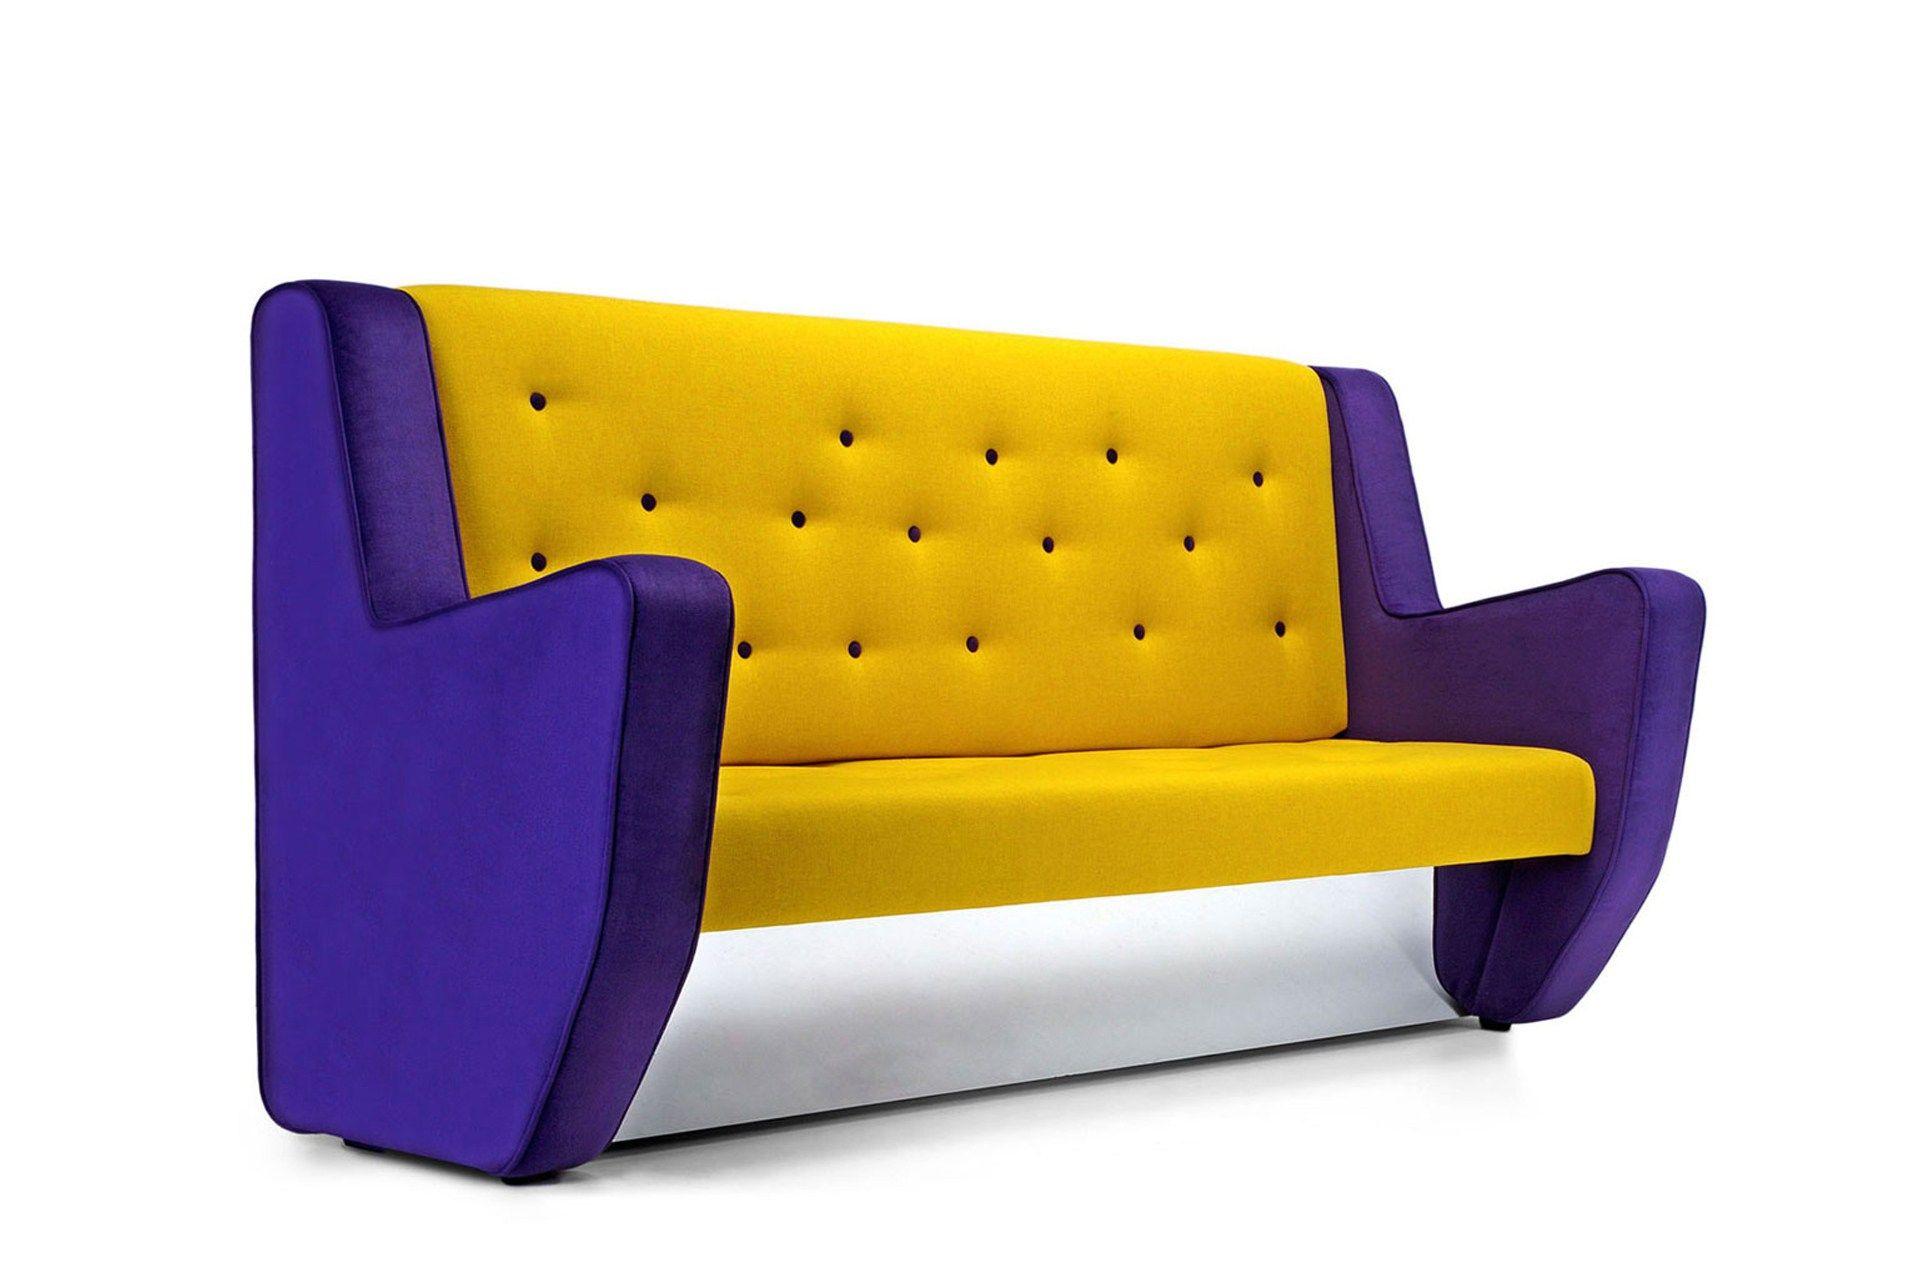 Pank divano by adrenalina design simone micheli - Prodotti per pulire il divano in tessuto ...